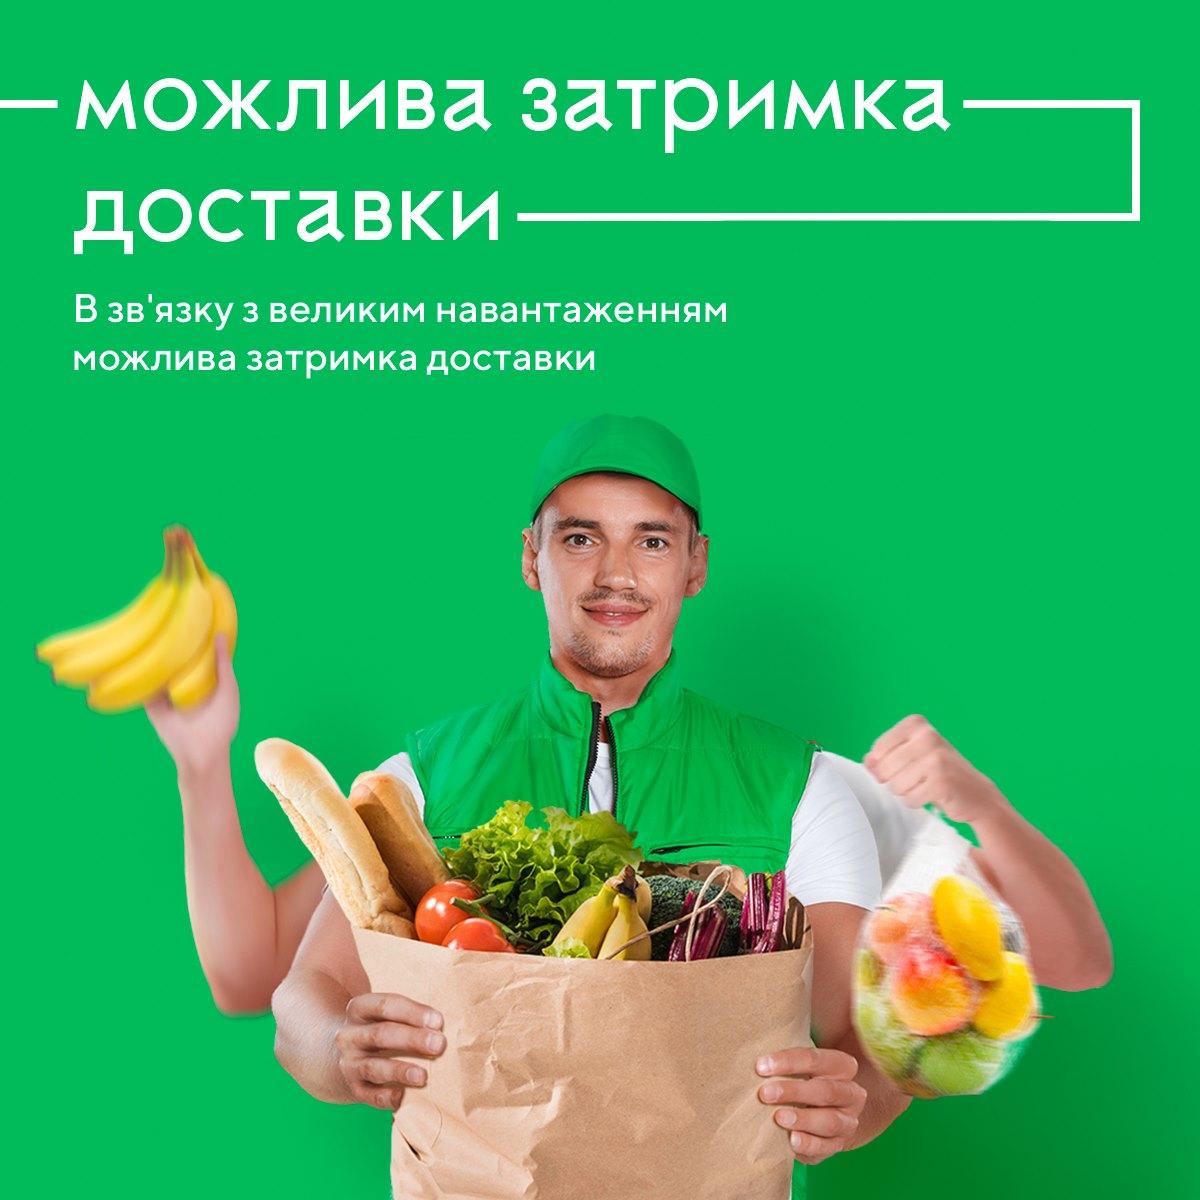 Фото: Facebook / Zakaz.ua